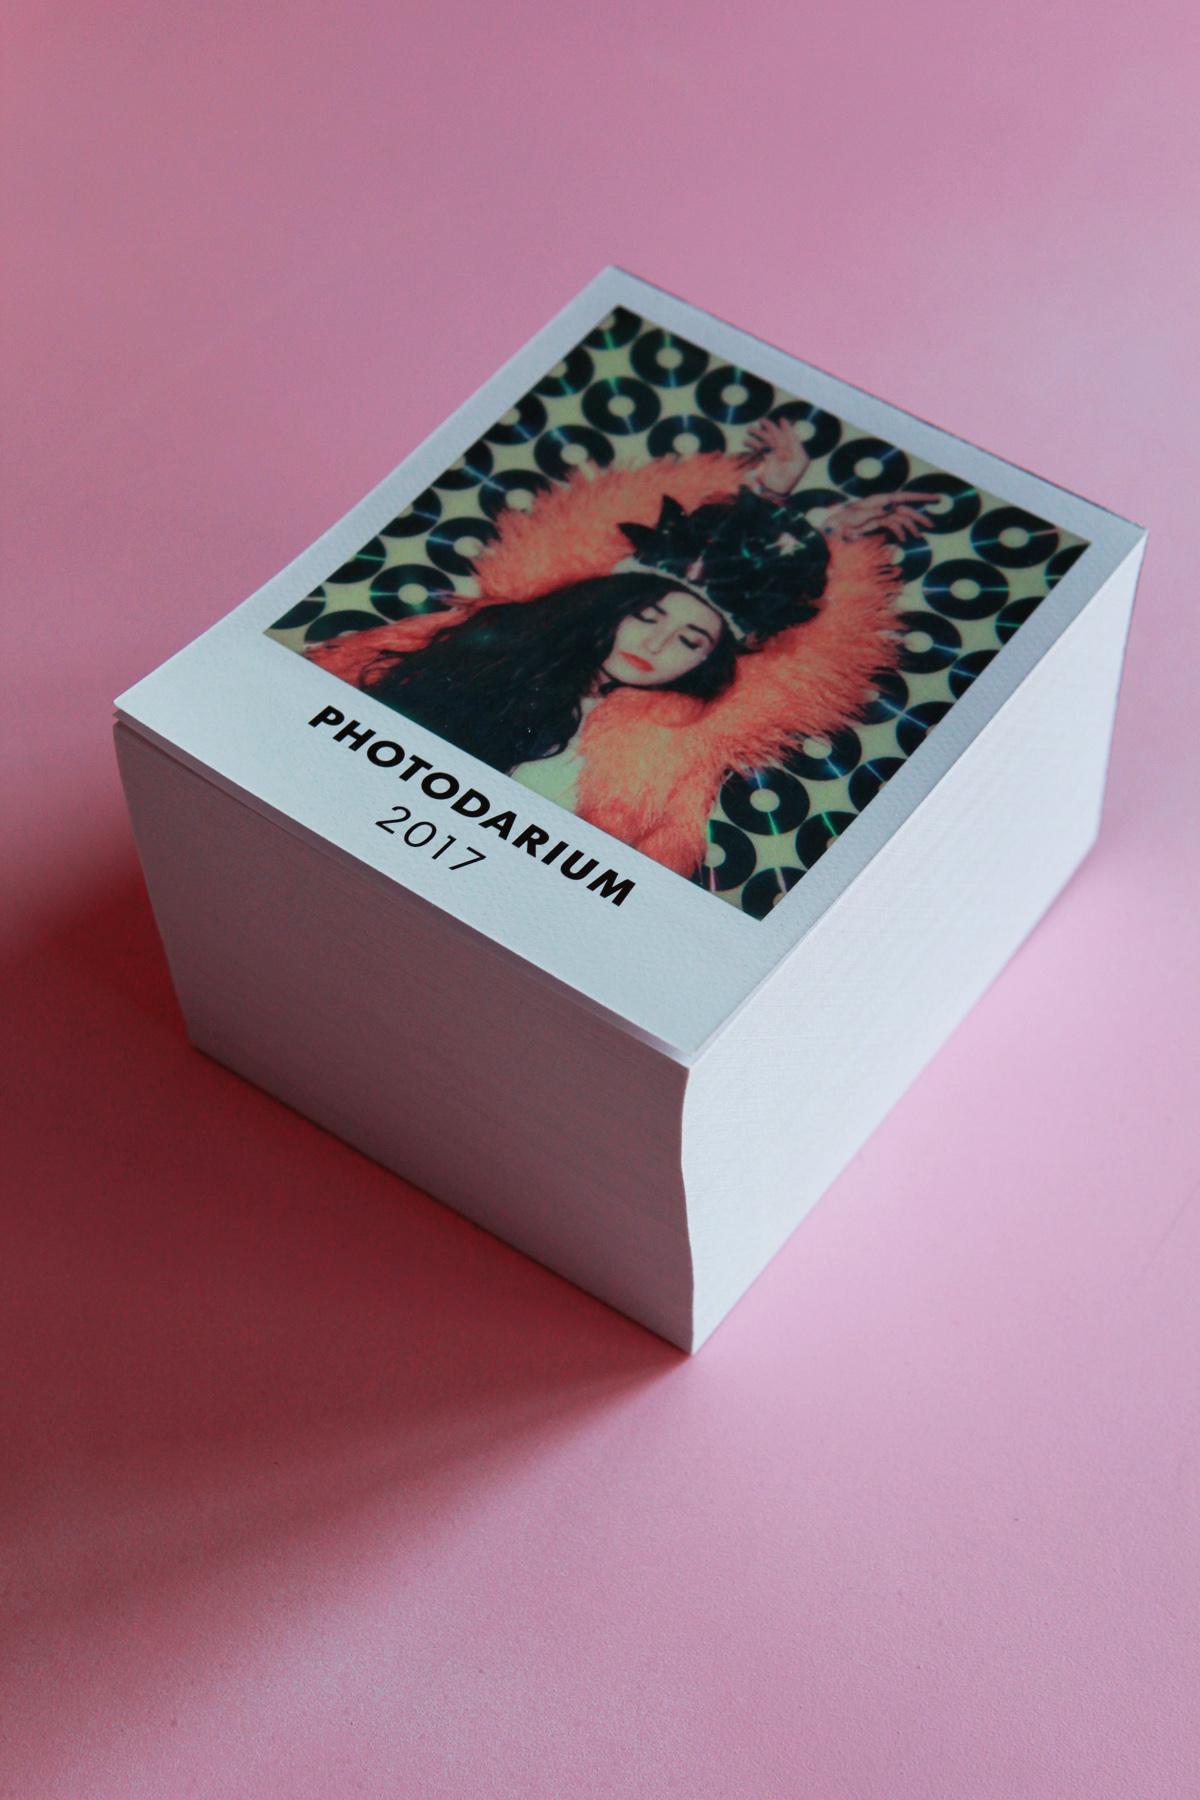 photodarium-poulettemagique-13